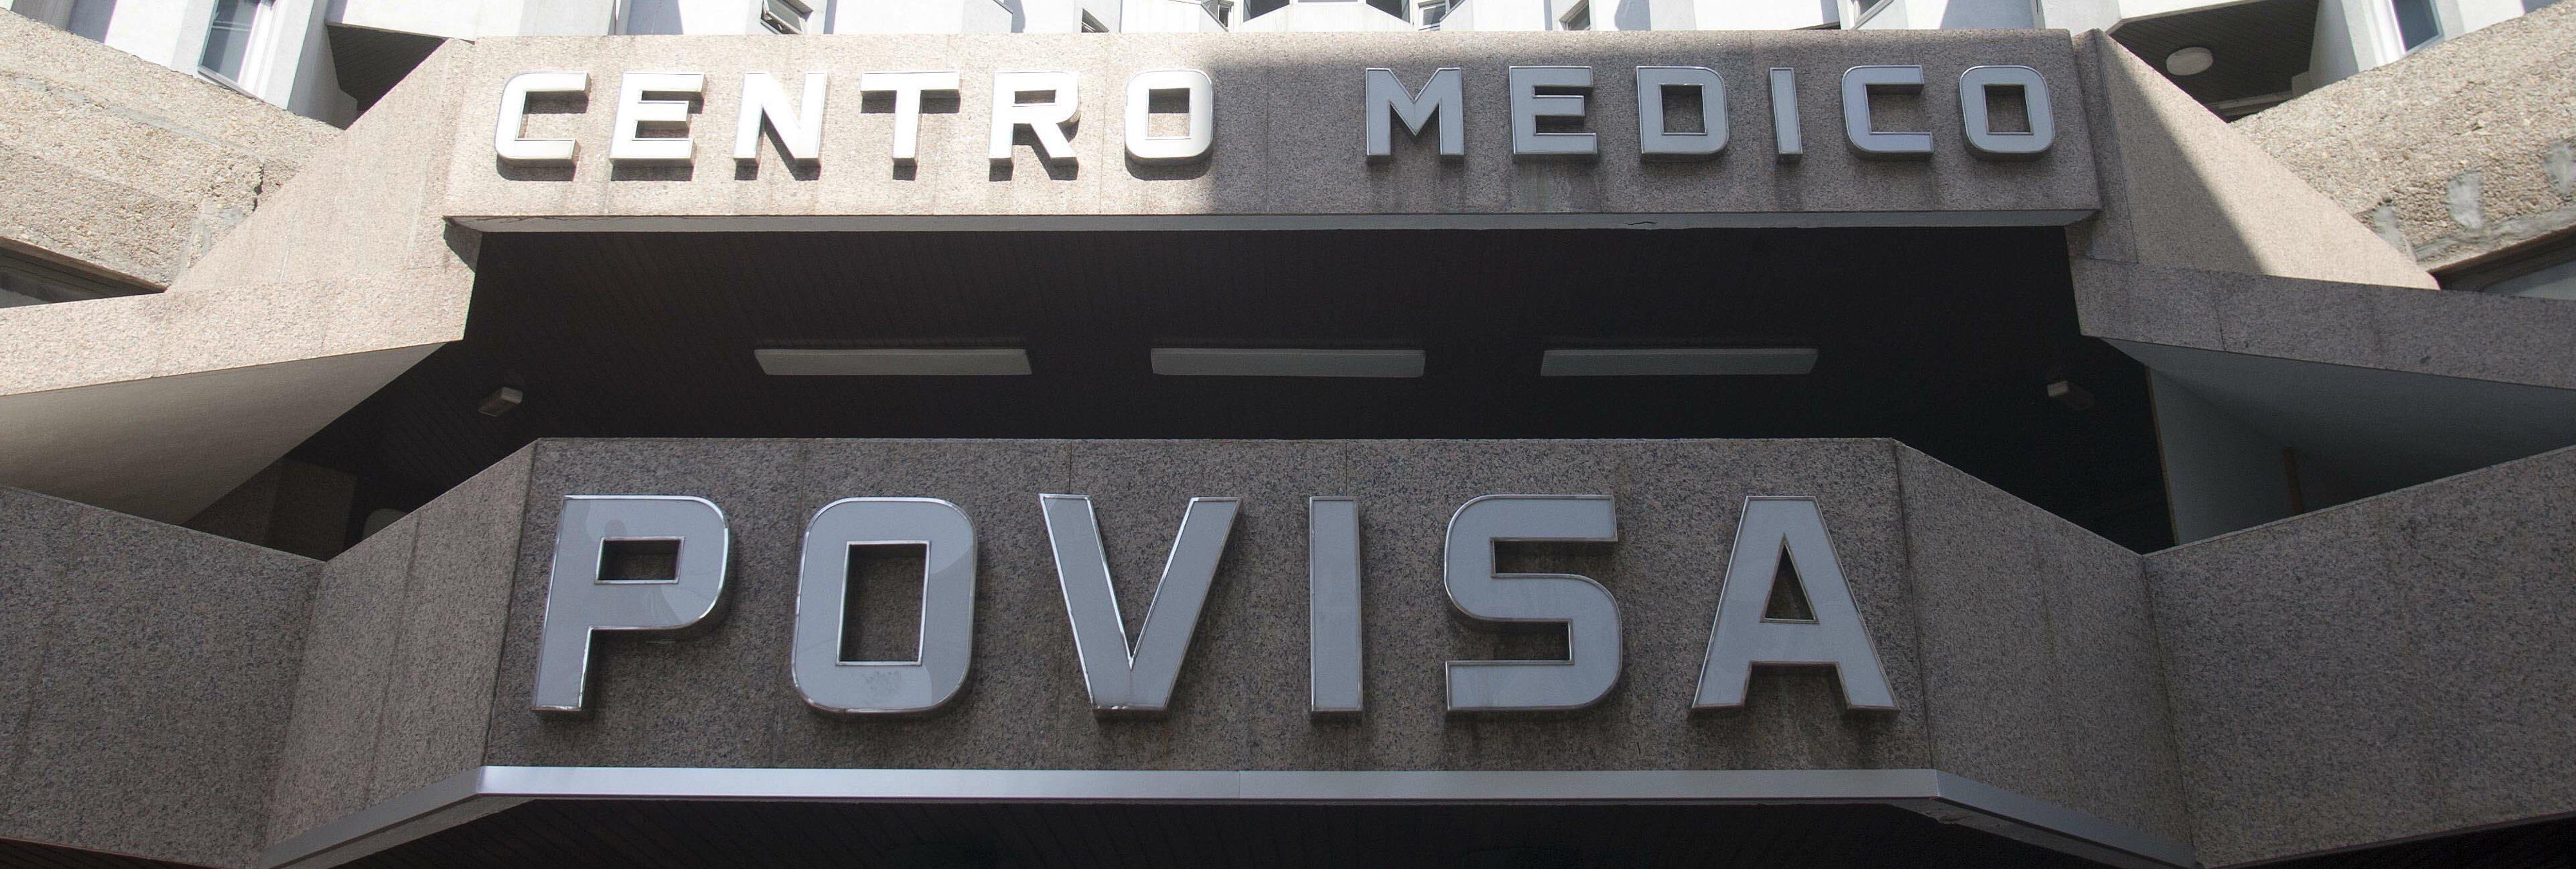 Condenan a un hospital de Vigo tras diagnosticar por error a un paciente con VIH durante 15 años